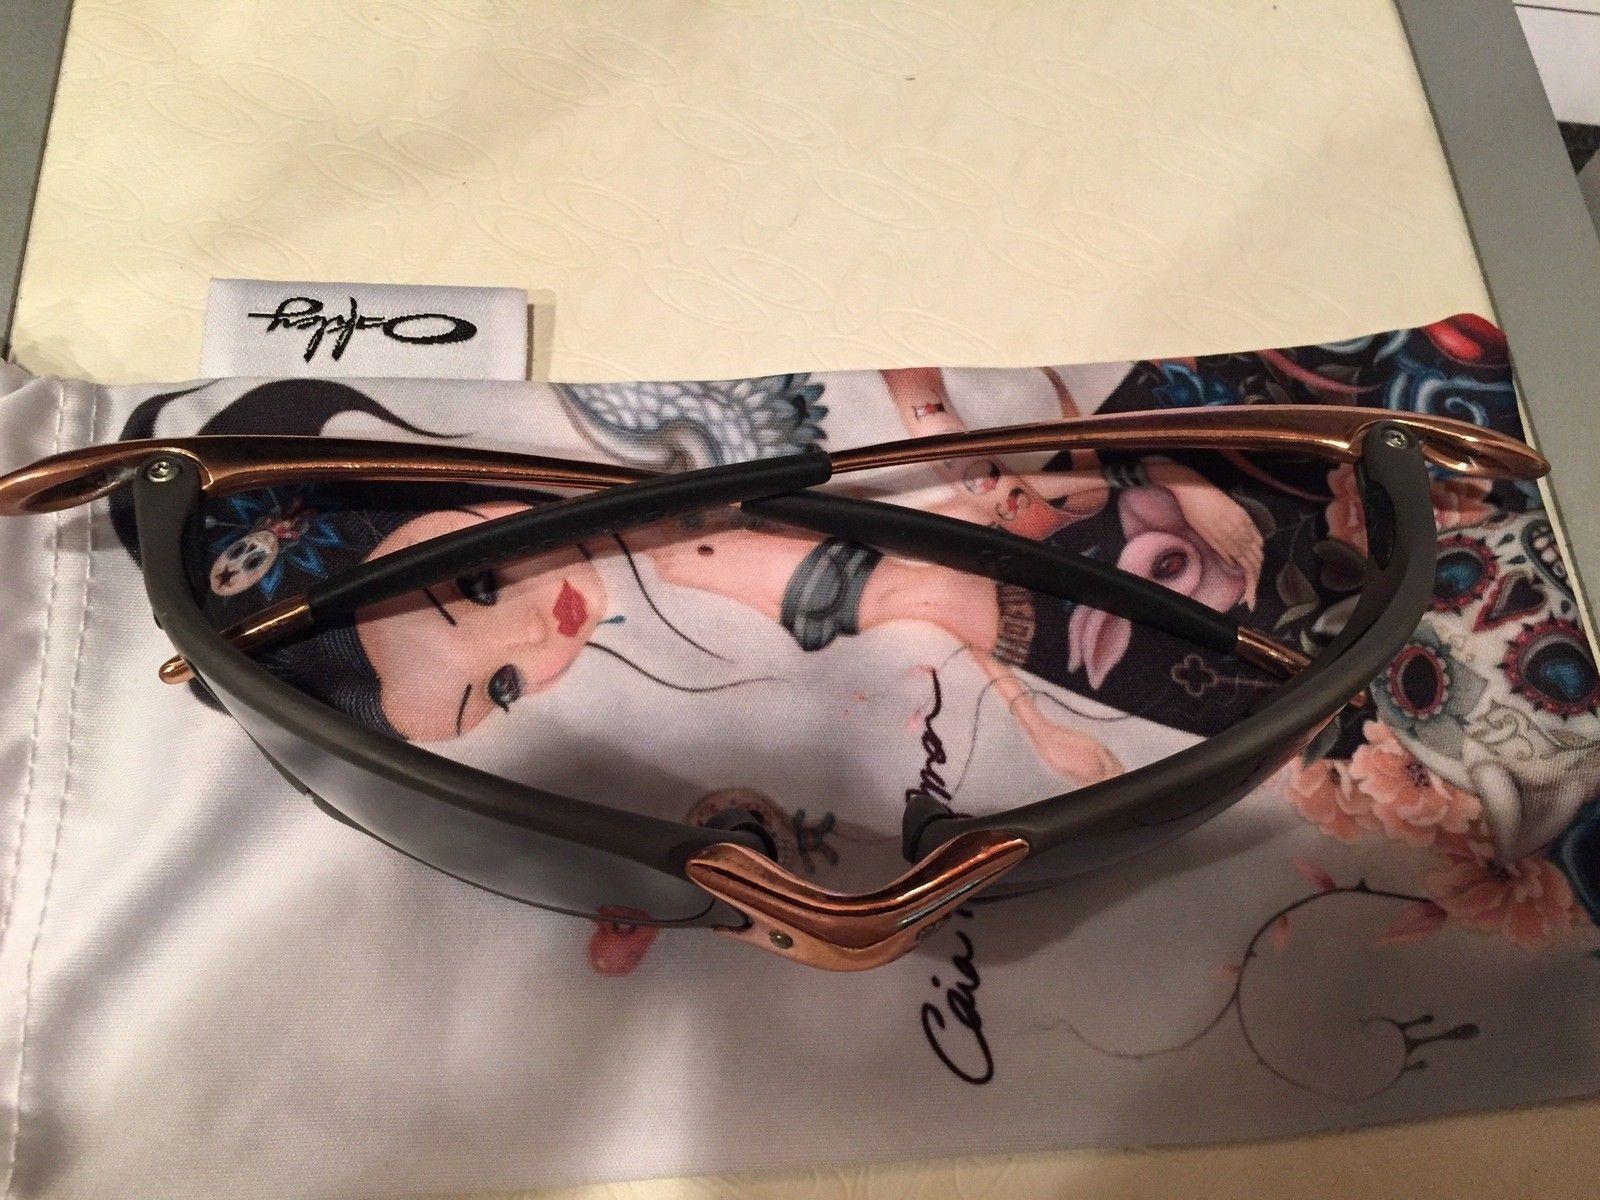 Juliet - Ti-02 Copper Plate / X-Metal w/ Black Ir Lenses Unworn $300 - IMG_3453.jpg